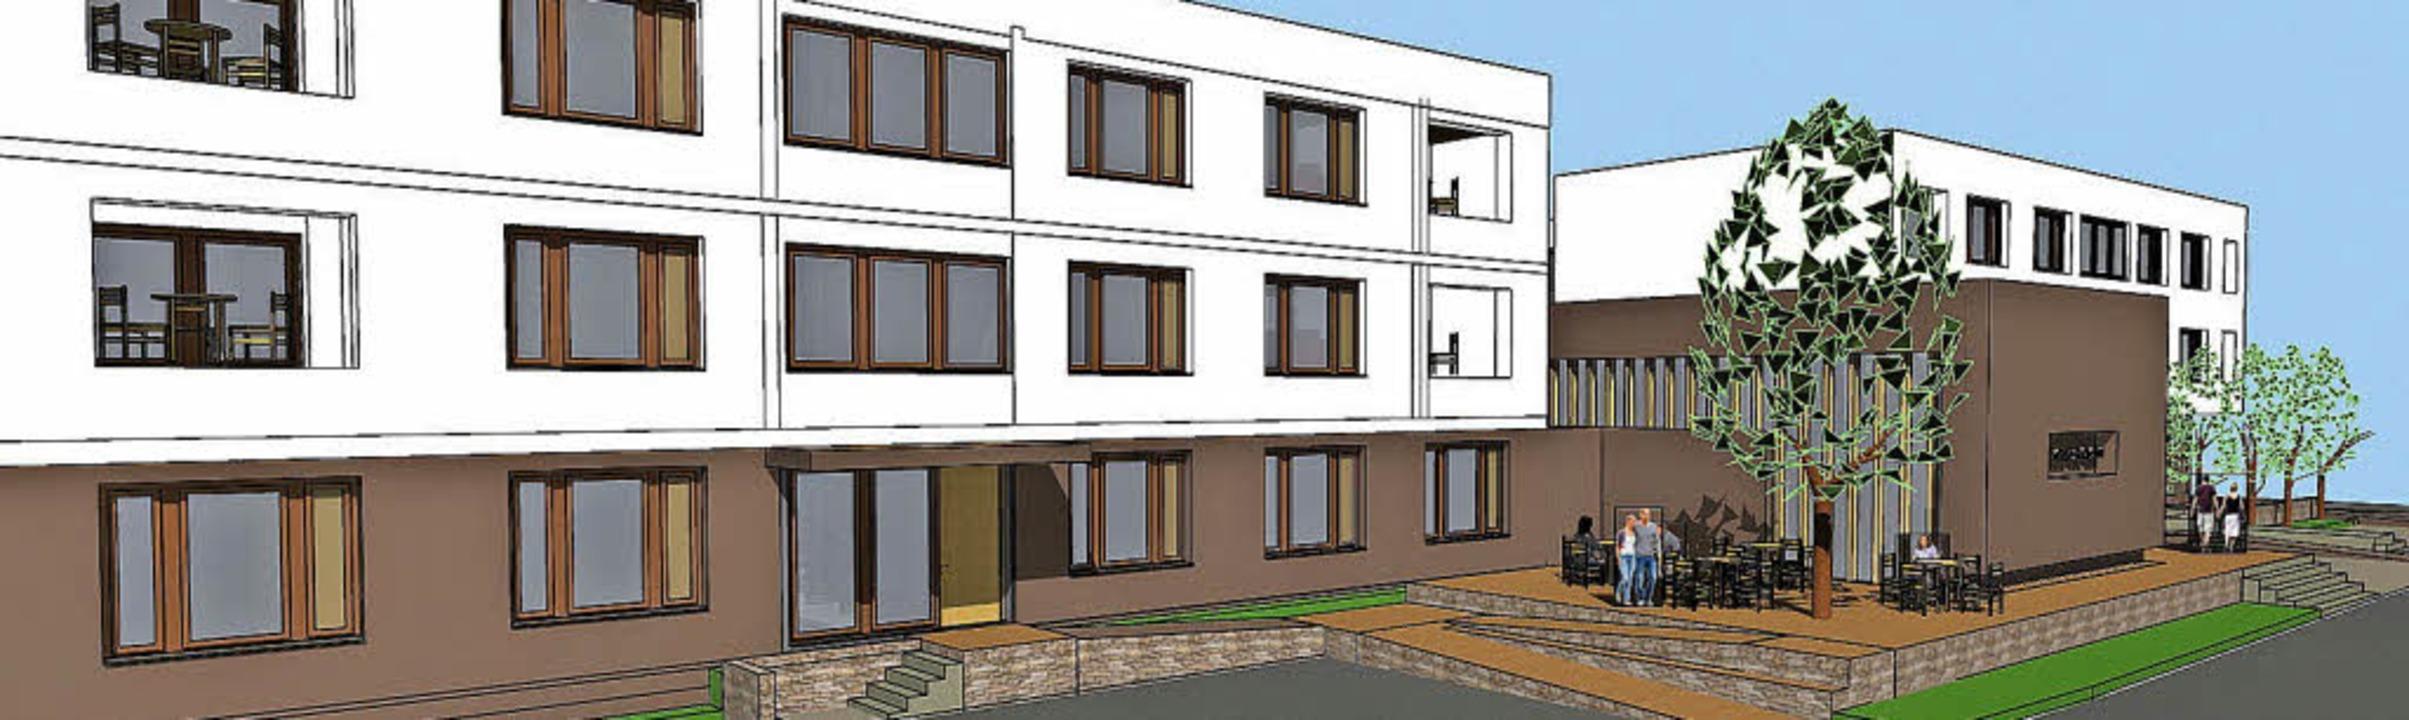 So soll das Roteux-Quartier in Vörstetten aussehen.   | Foto: Illustration: Archimedes Architekten GmbH